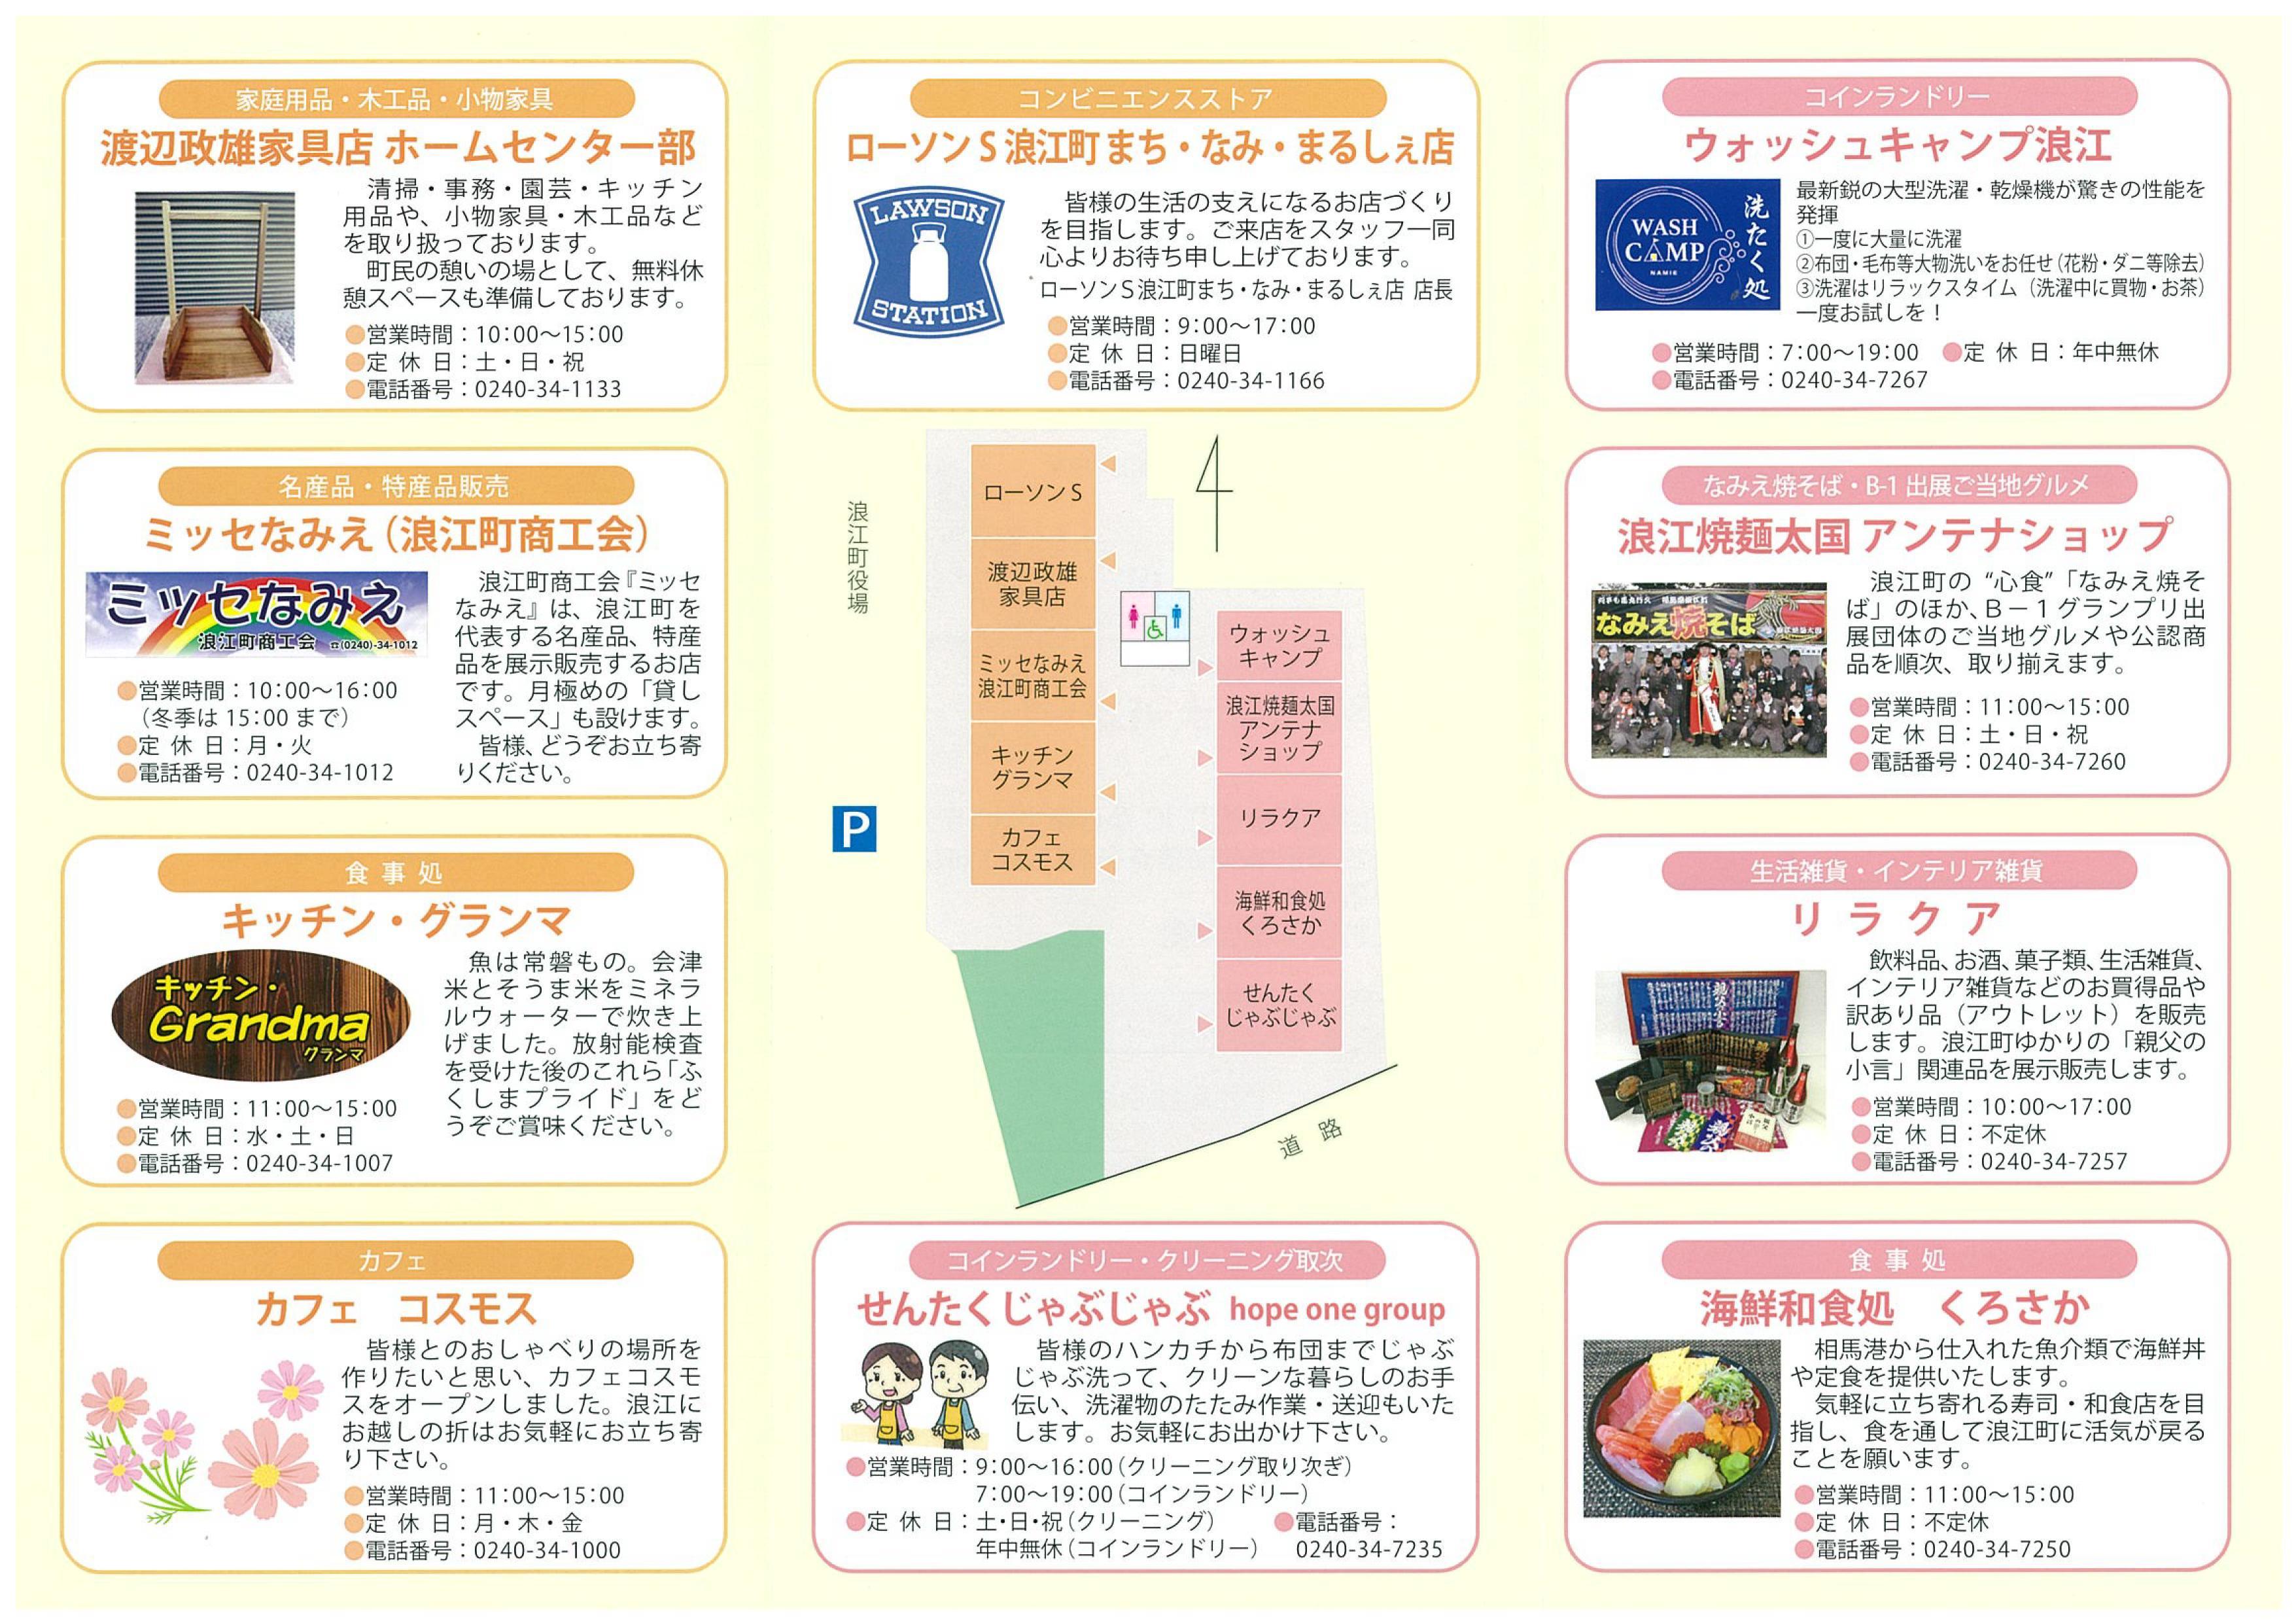 浪江町仮設商業共同店舗施設「まち・なみ・まるしぇ」